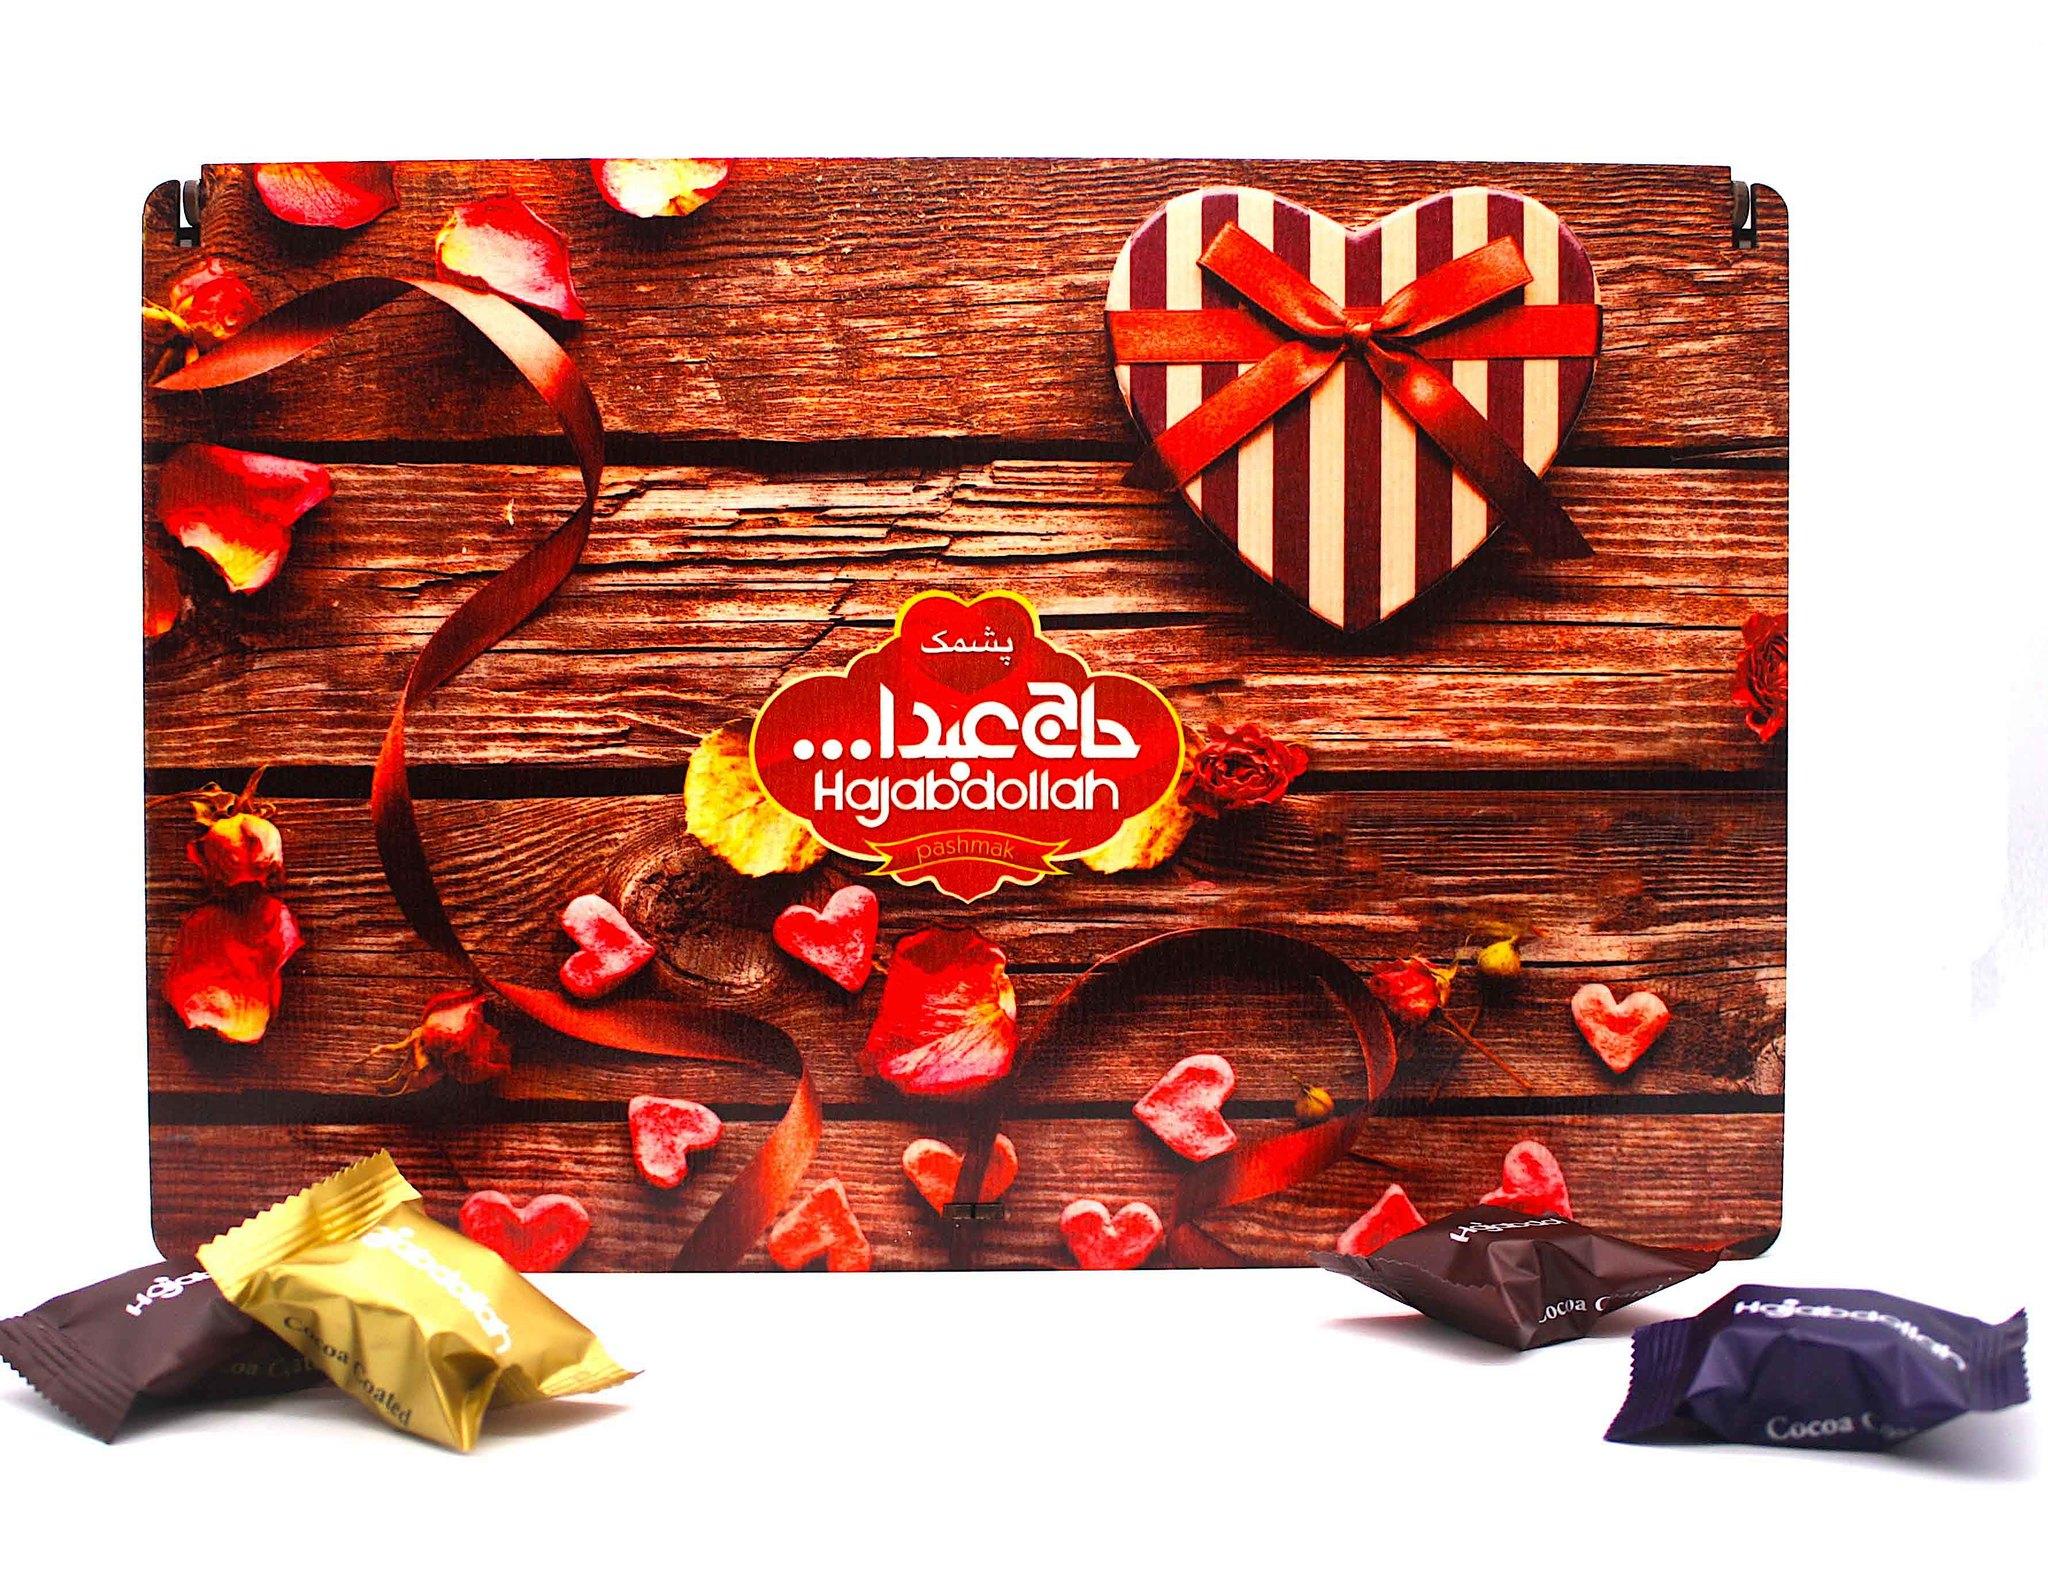 """Hajabdollah Ассорти пишмание в подарочной деревянной упаковке """"Сердечки"""", Hajabdollah, 500 г import_files_7a_7a7d6a3bc3f111e9a9b3484d7ecee297_7a7d6a3ec3f111e9a9b3484d7ecee297.jpg"""